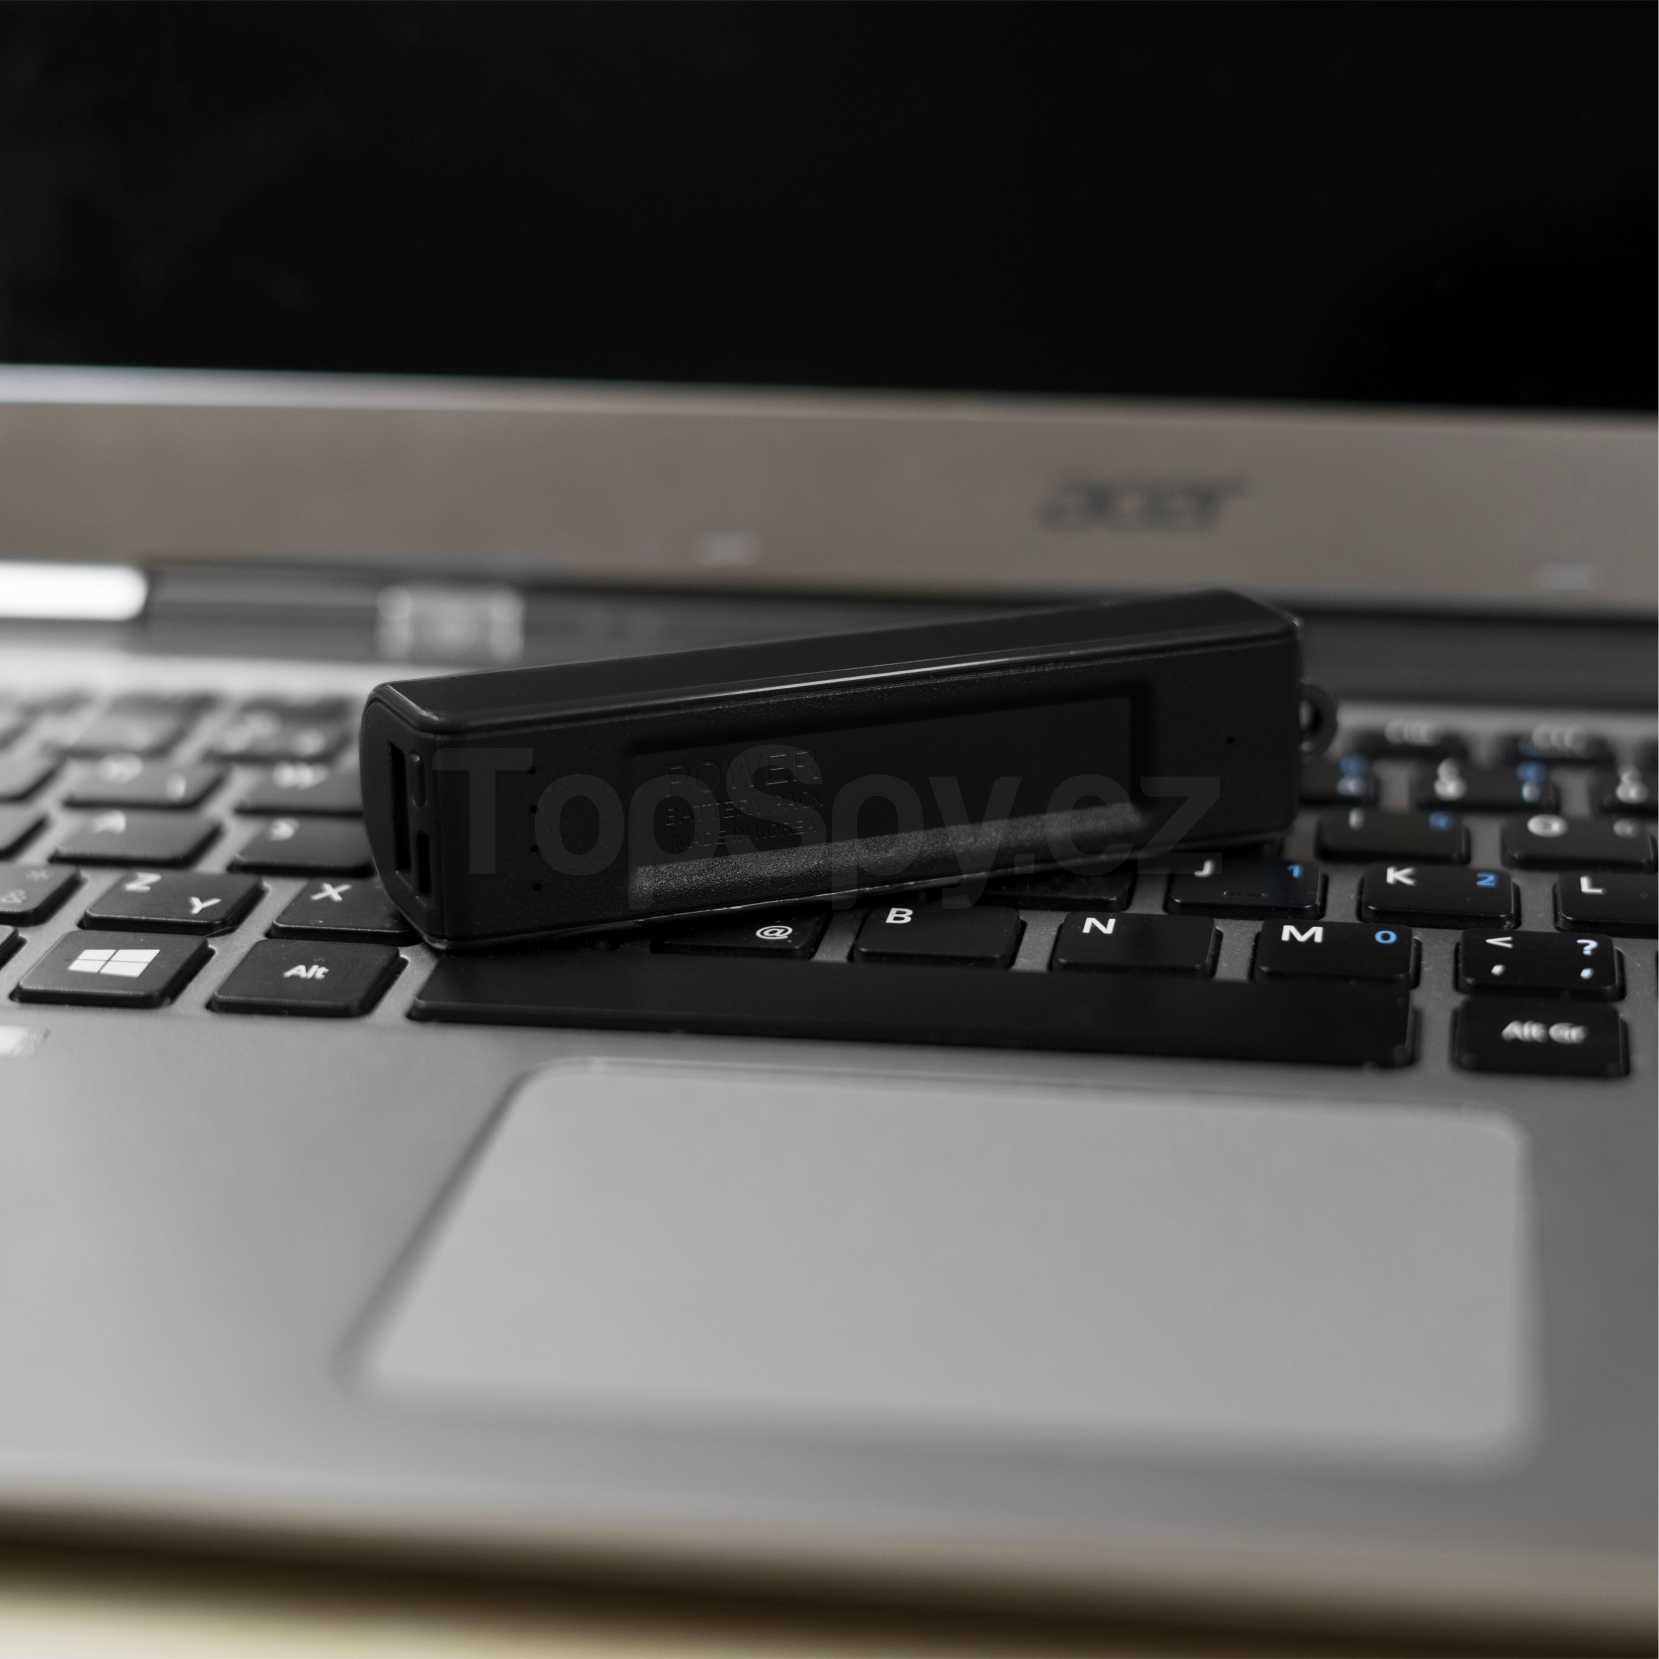 Odposlech powerbanka TopSpy L500 TIME